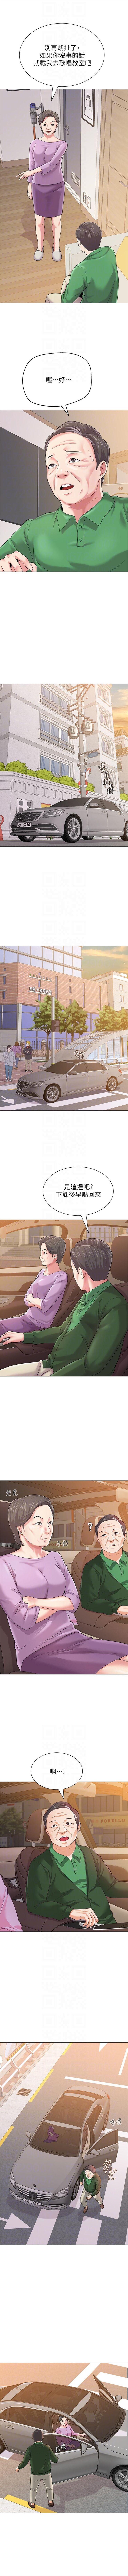 老師 1-80 官方中文(連載中) 207